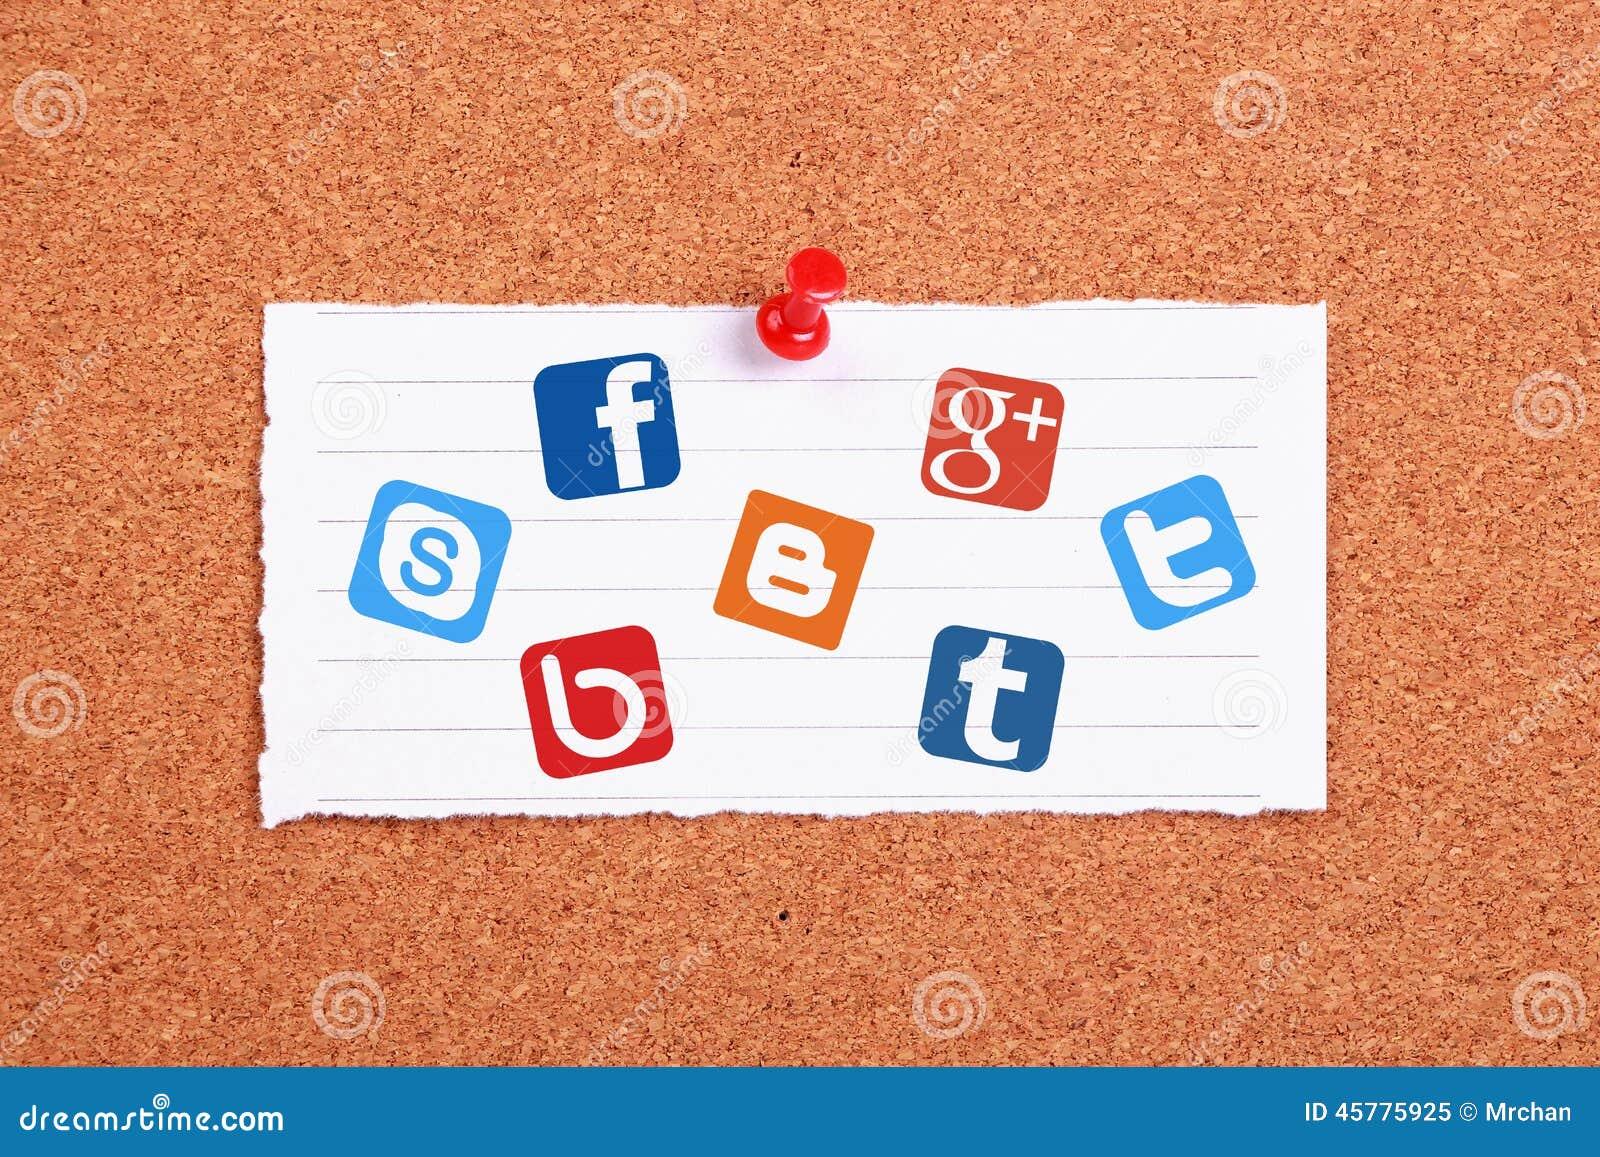 Soziale netzwerke redaktionelles bild